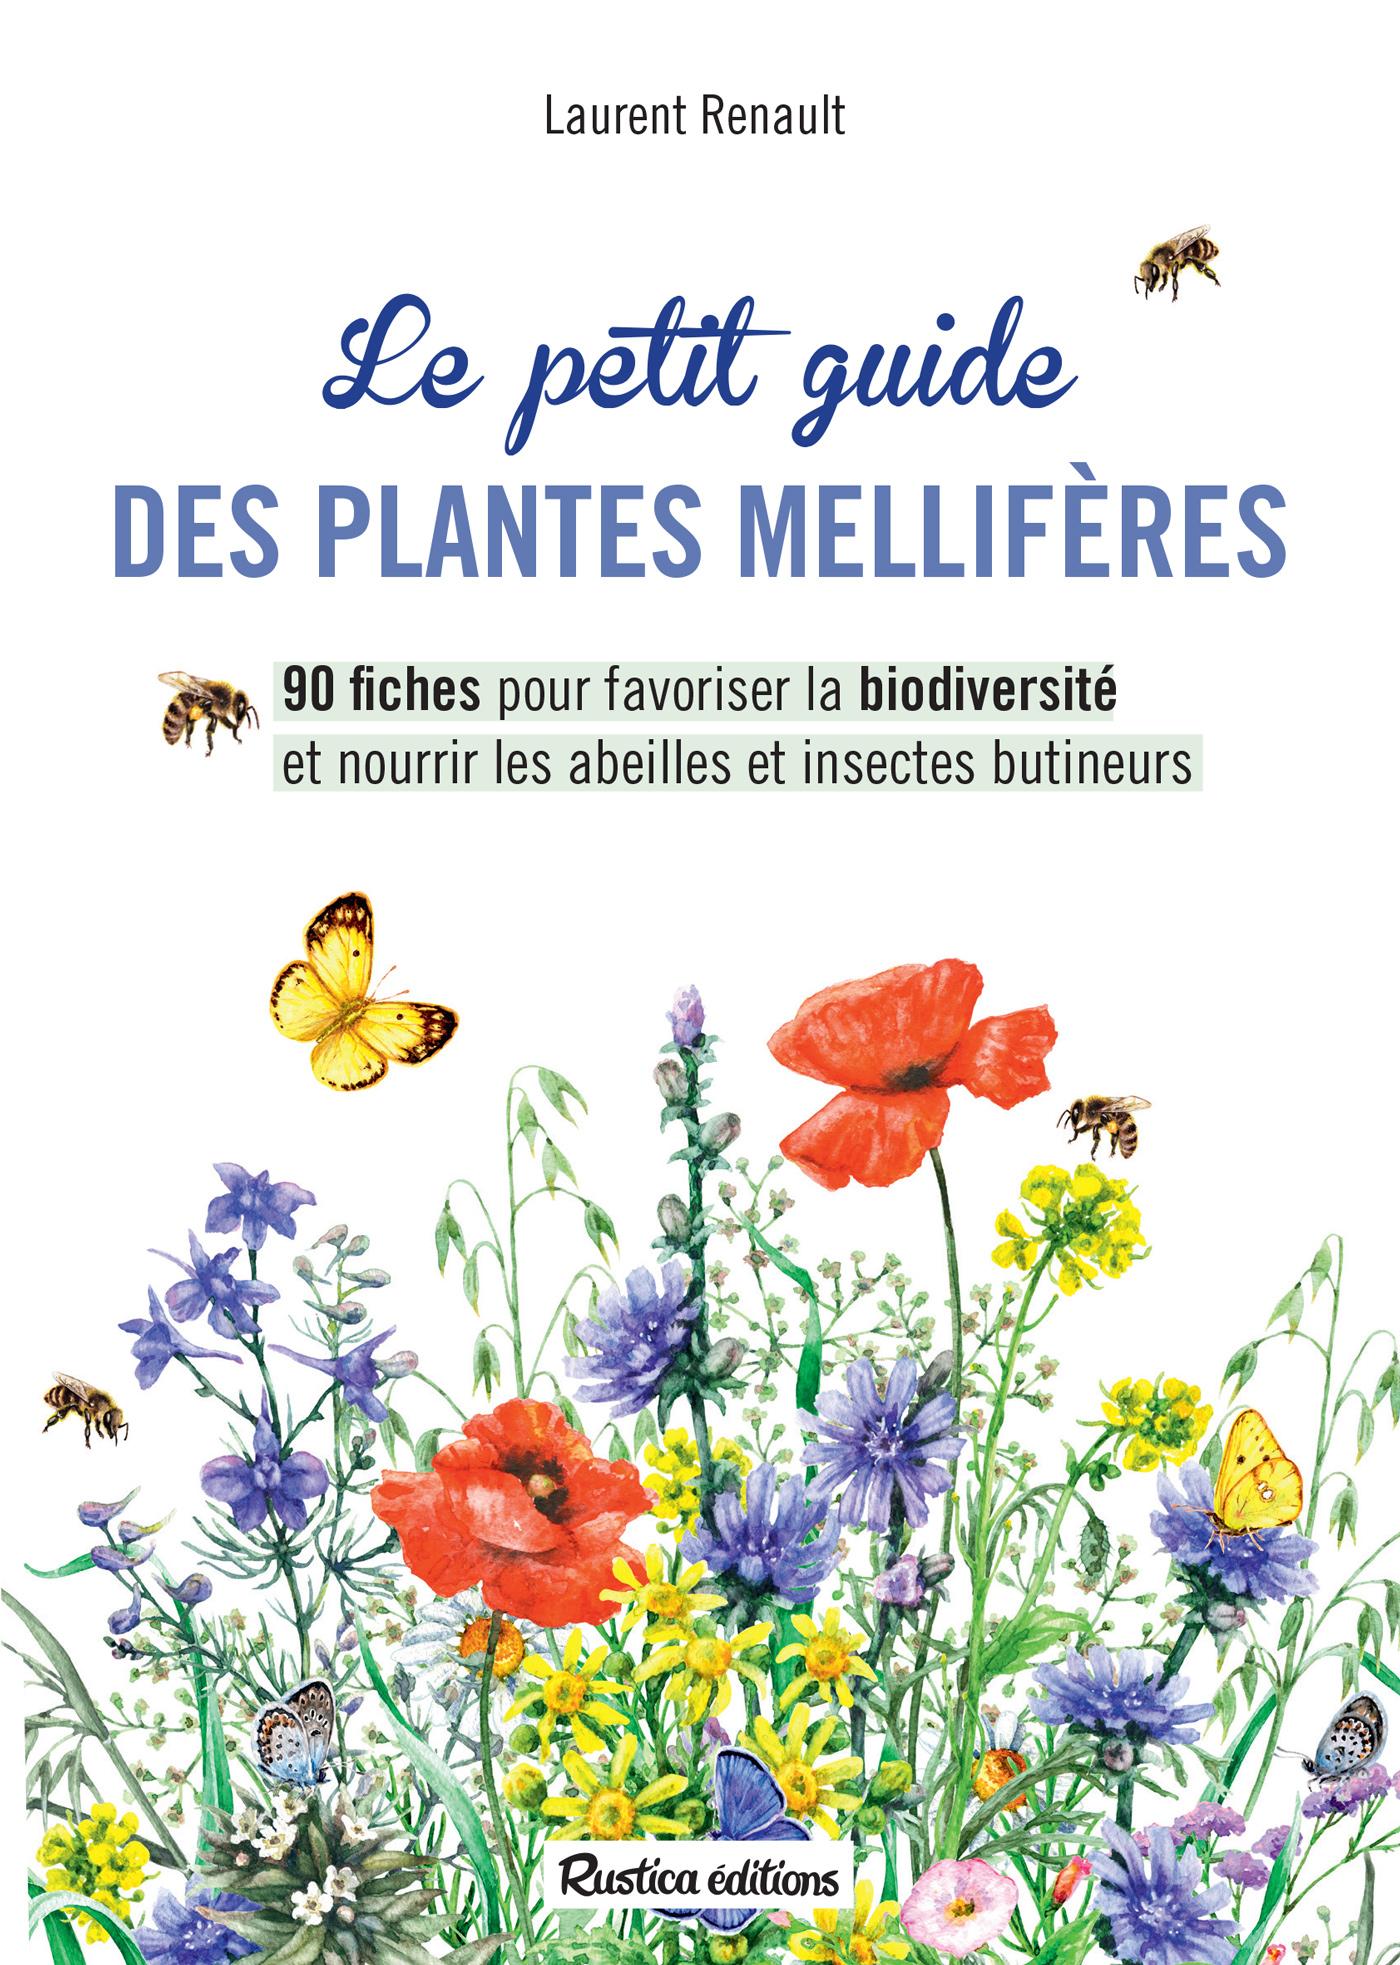 Le petit guide des plantes mellif?res